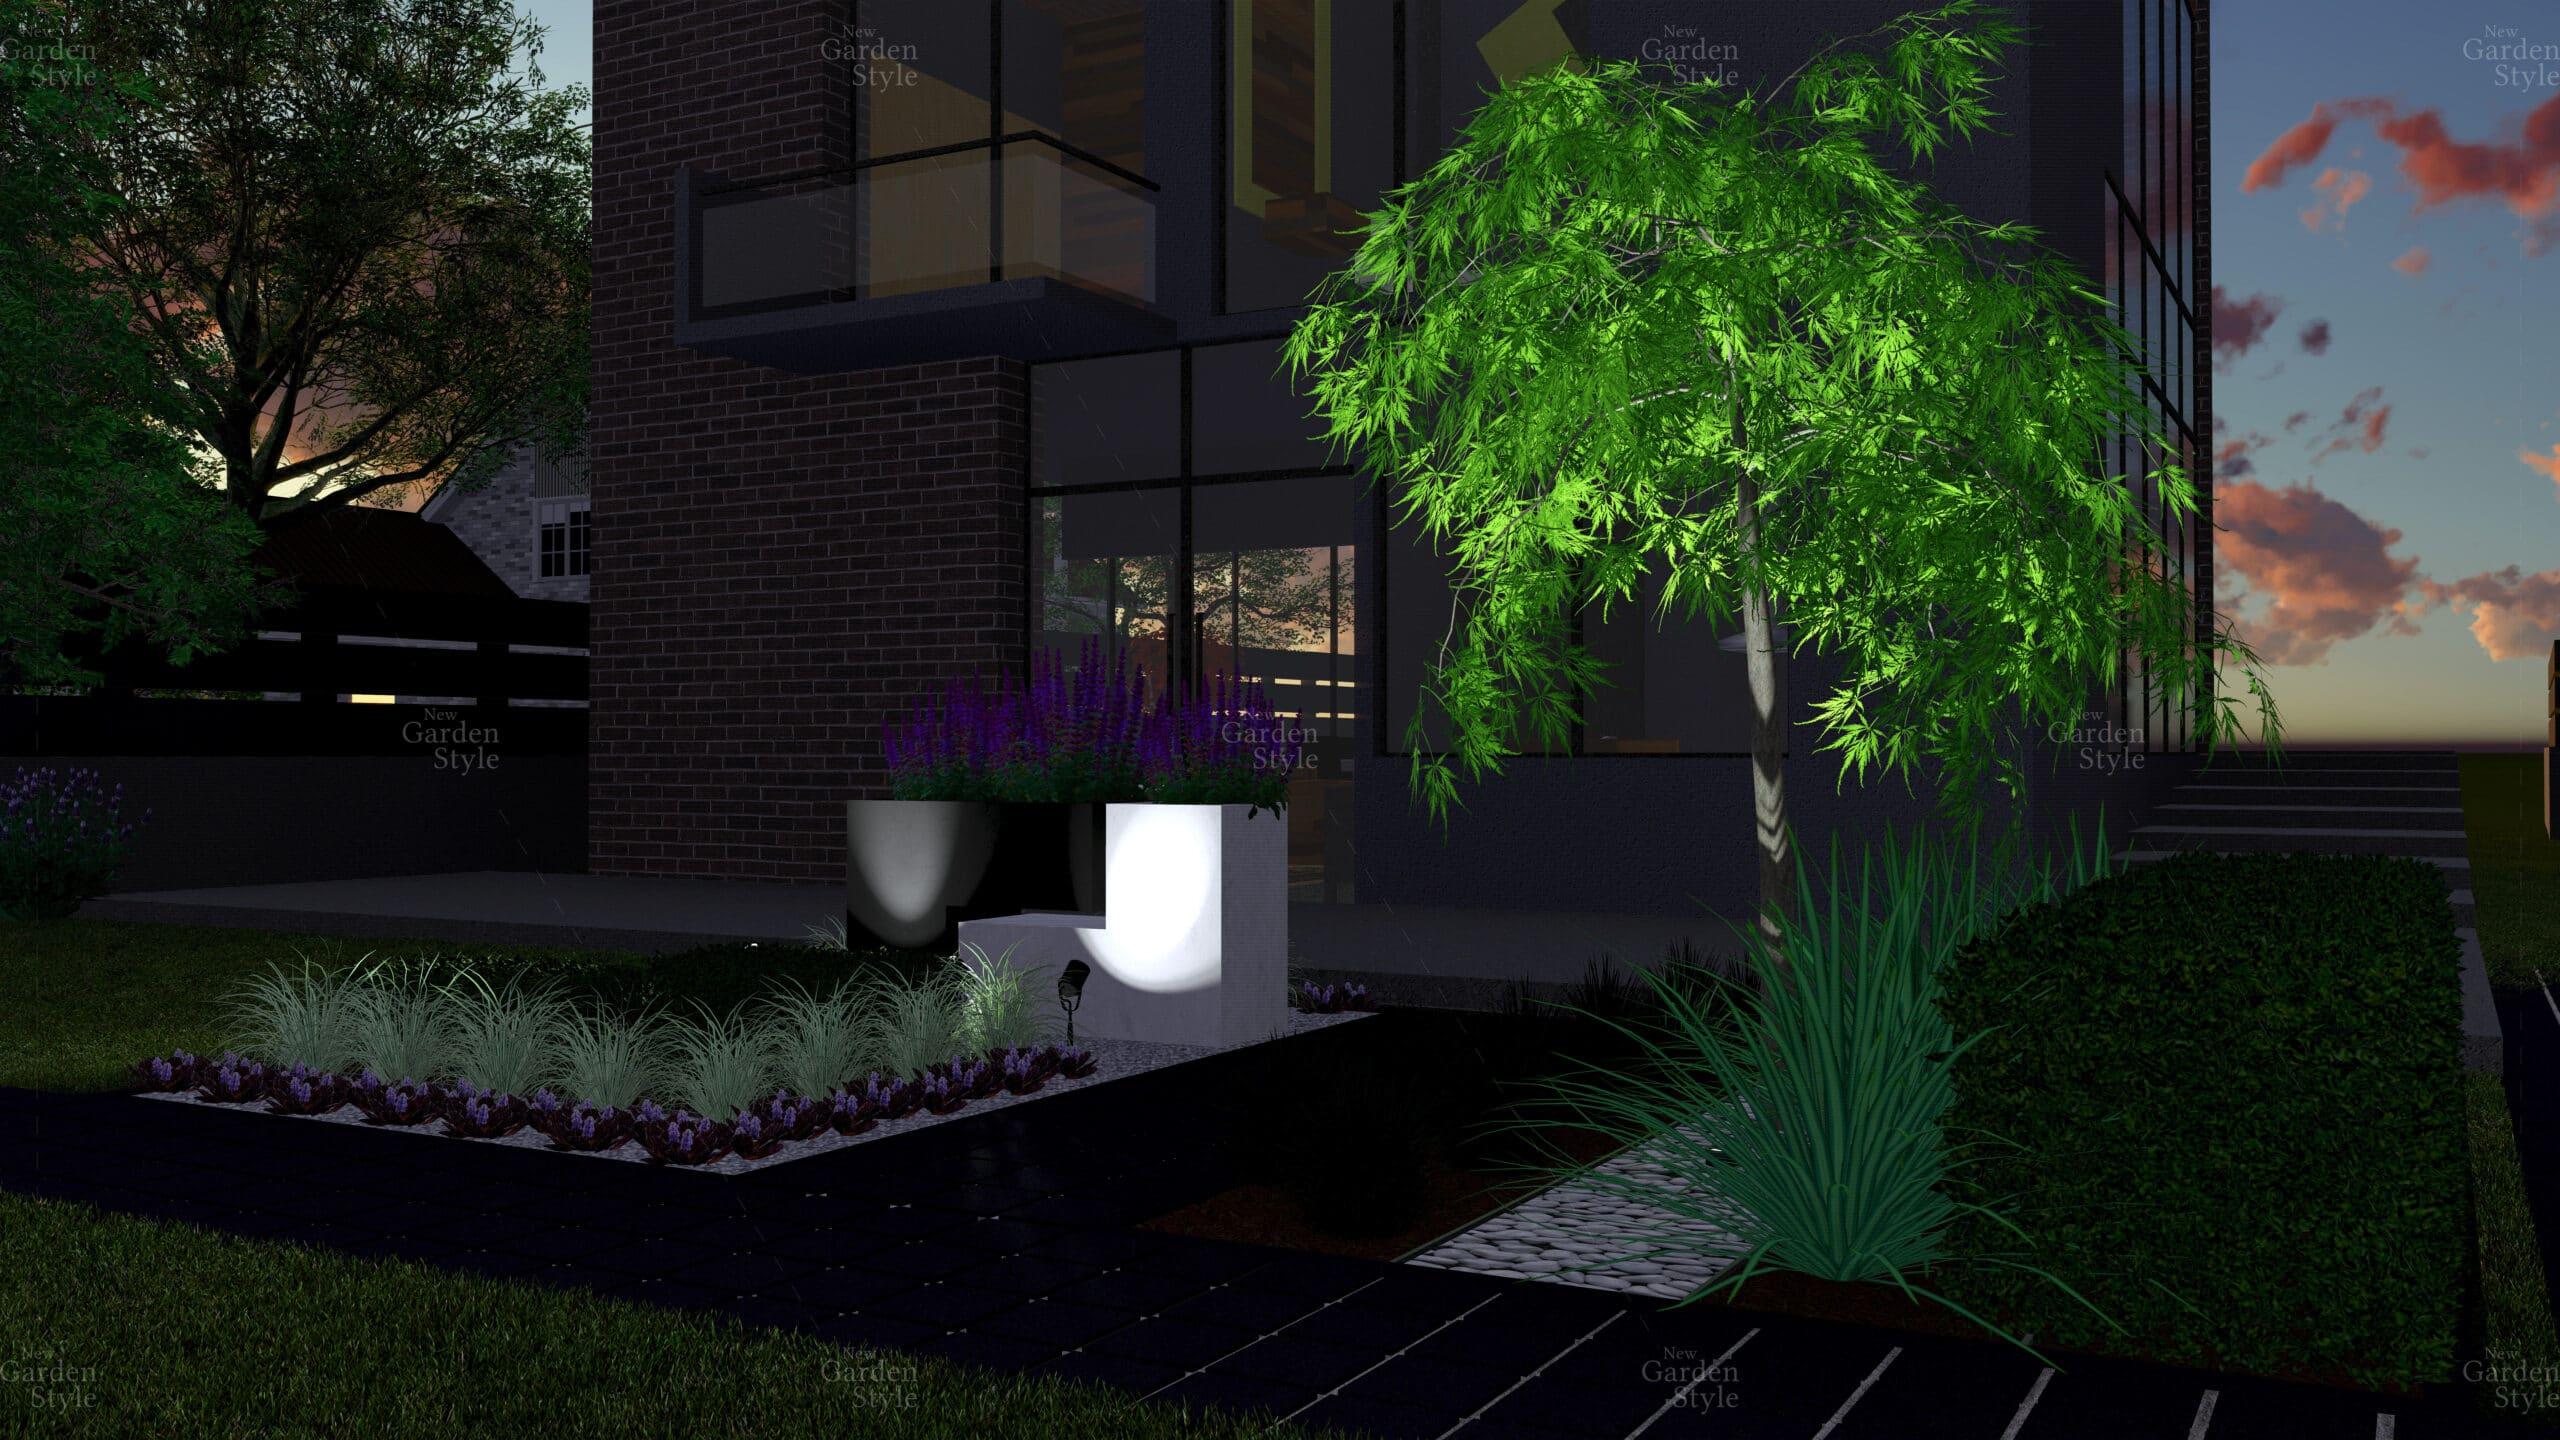 NGS7-3-Moduł-ogrodowy-wyspa-projekty-gotowe-ogrody-nowoczesne-modułowe-New-Garden-Style